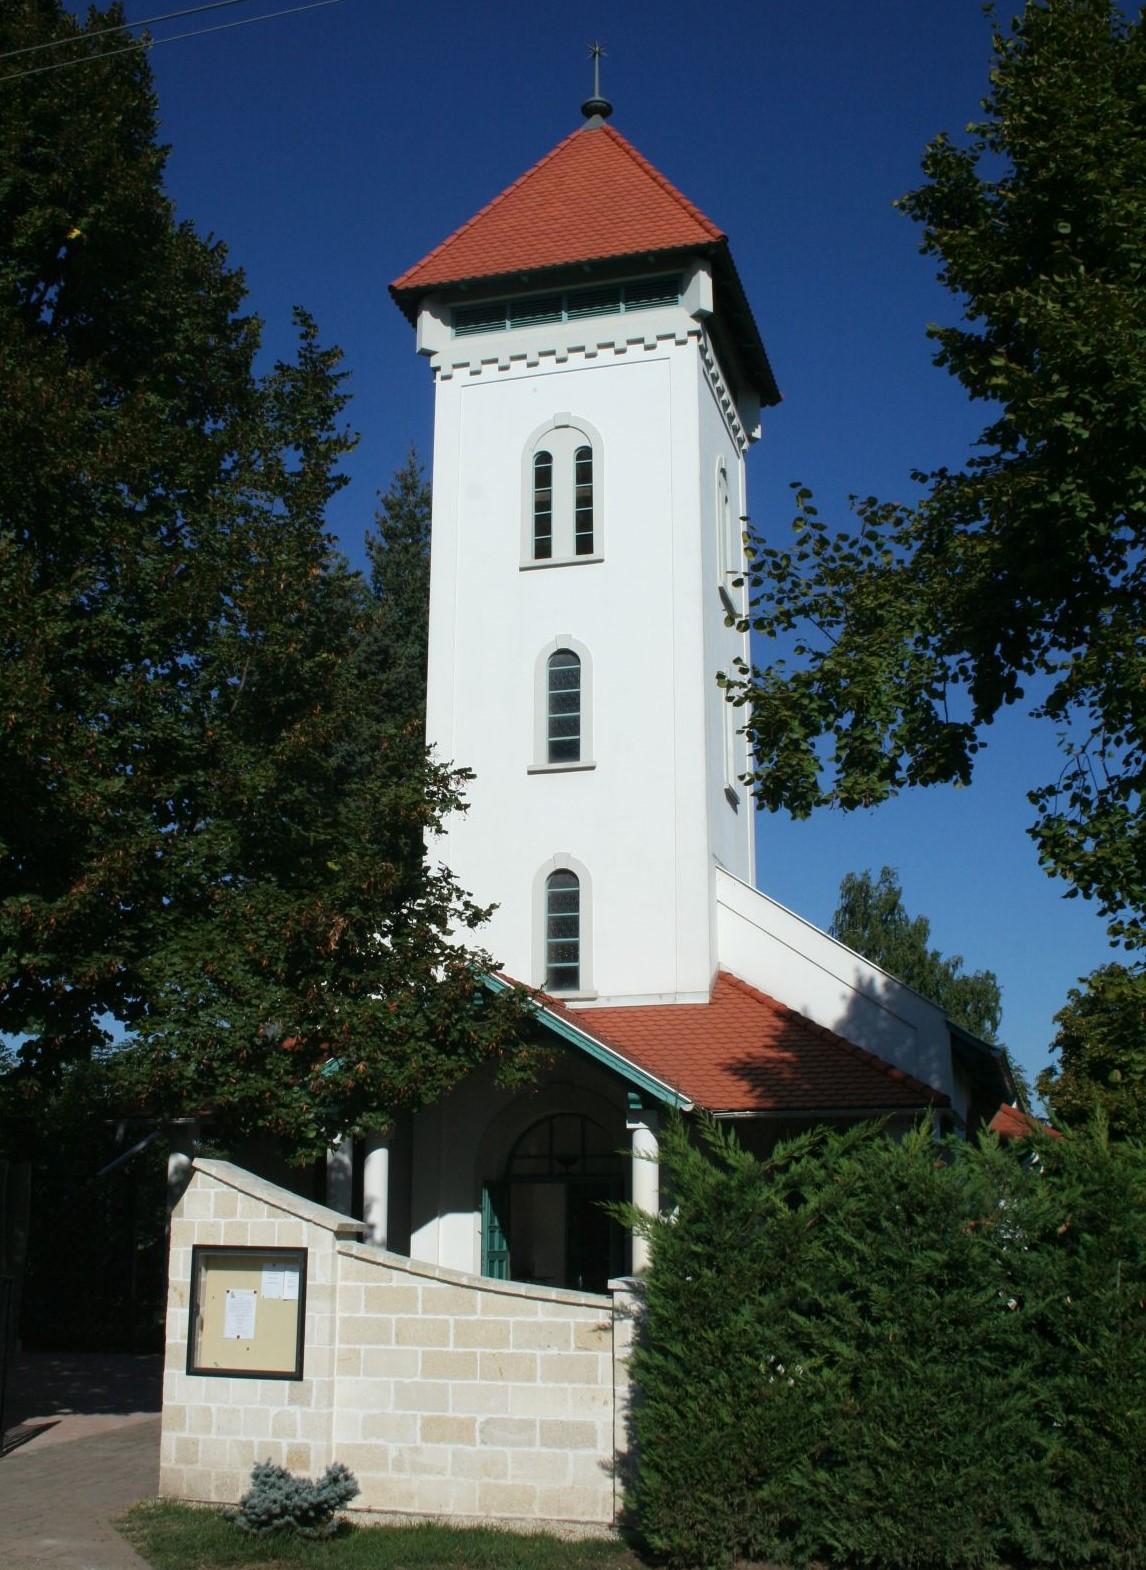 Haromfold.hu - Karcag és környéke hírek b55401c9f5